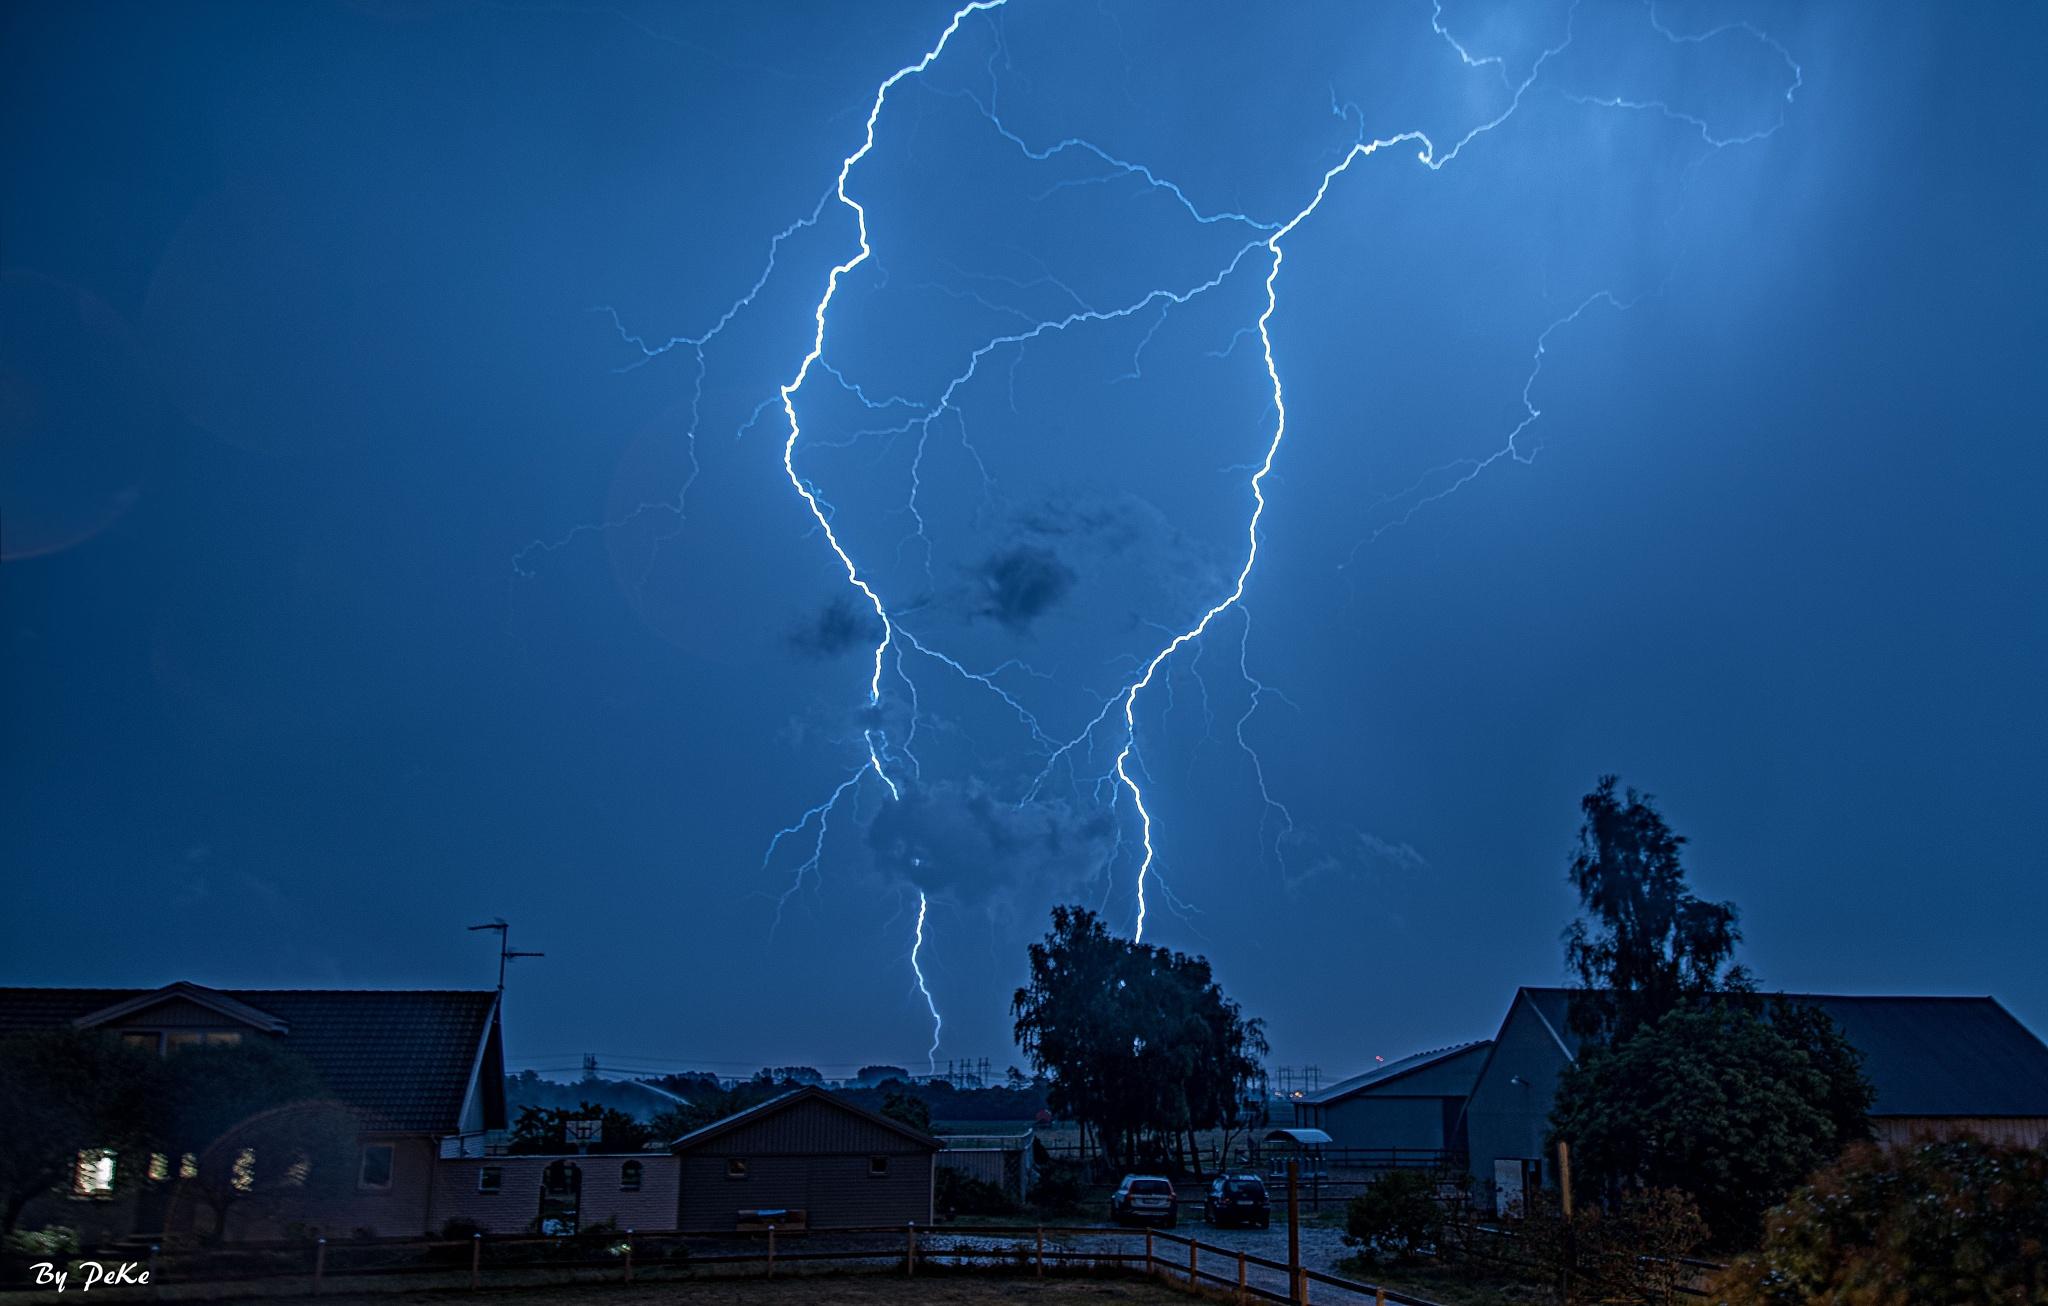 Lightning over Malmö, Sweden by peter.ekelund.7